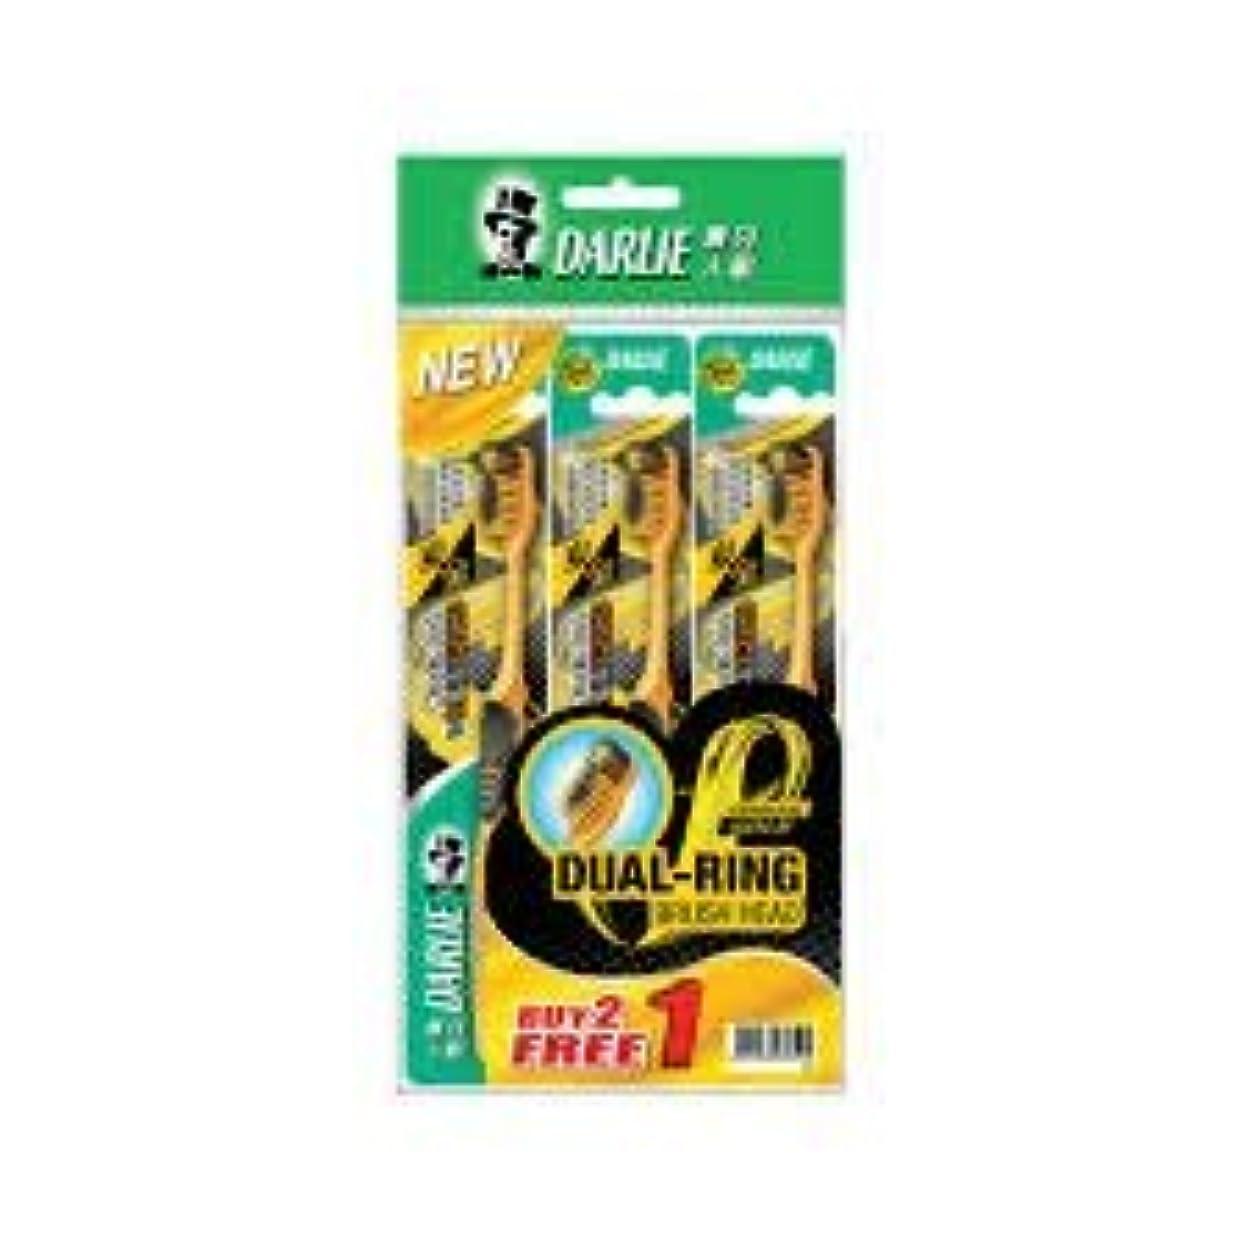 一ストラップ癒すDARLIE 炭の歯ブラシb2f1 - ビス - ヘッドデザイン、深いクリーニングとプラークの蓄積を防止する押えリング